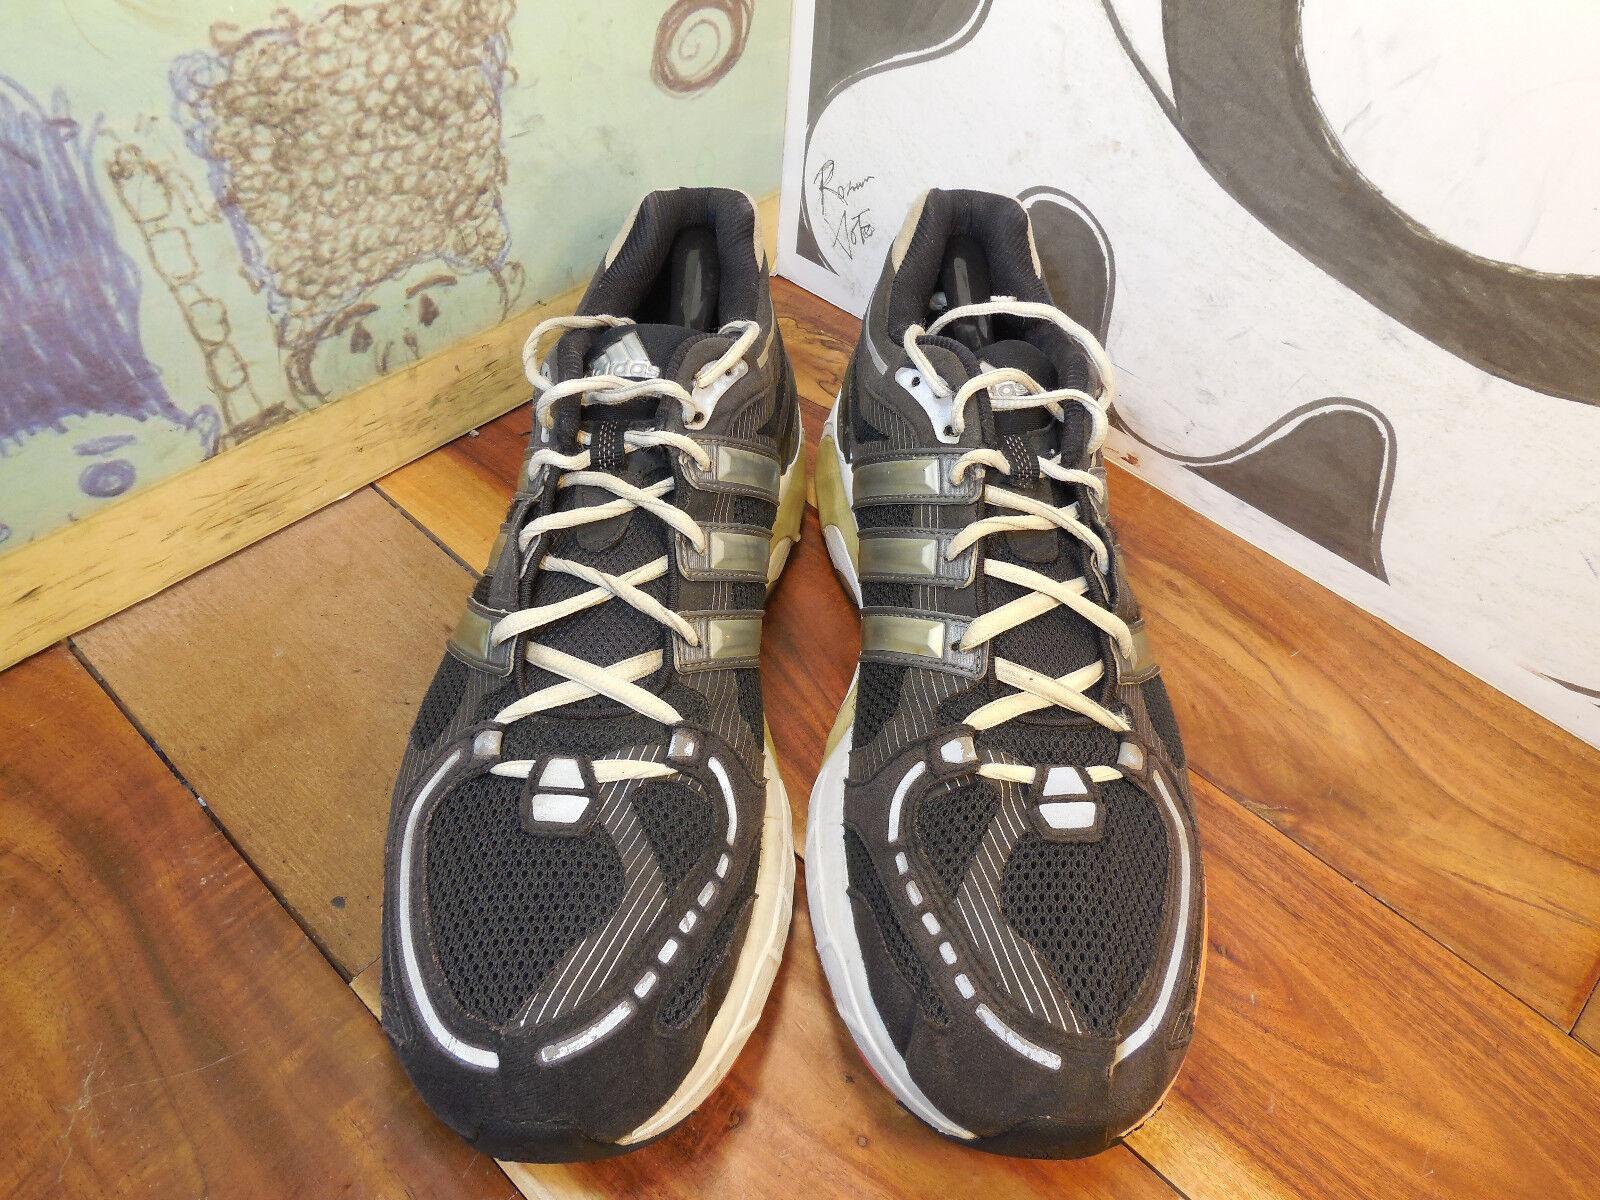 Adidas Black Running Sneakers Men's 13 Seasonal clearance sale